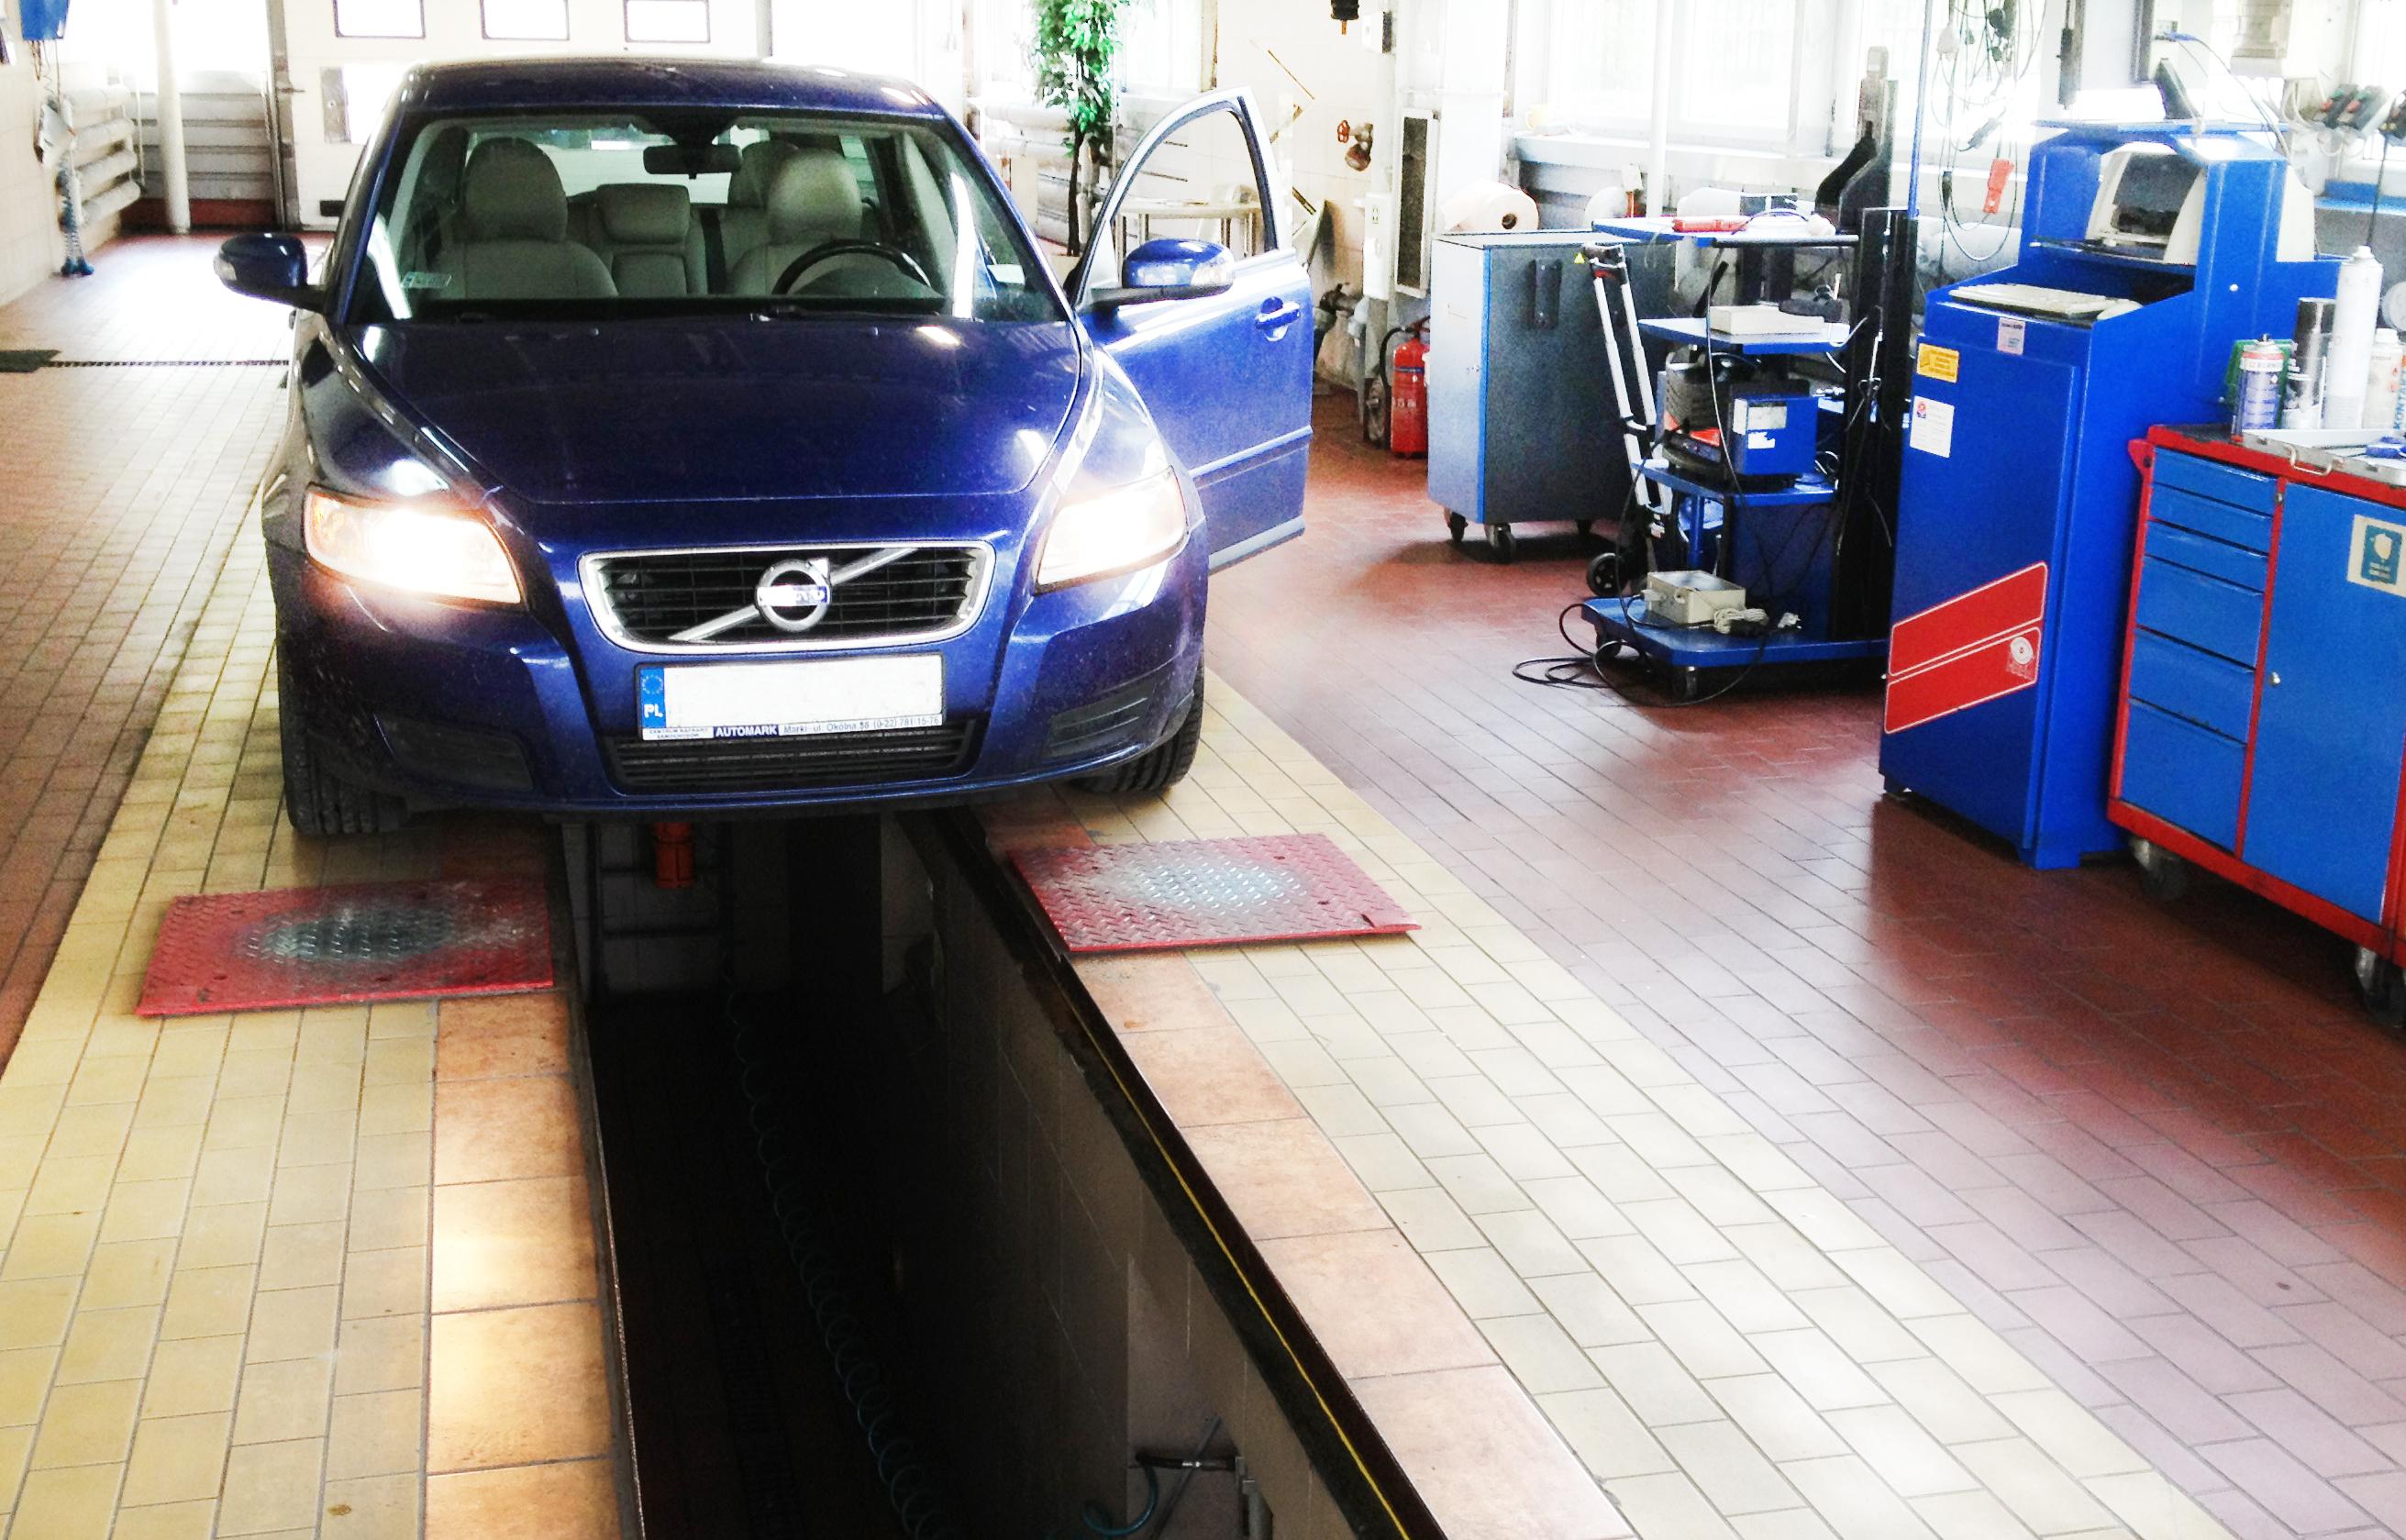 stacja kontroli pojazdow